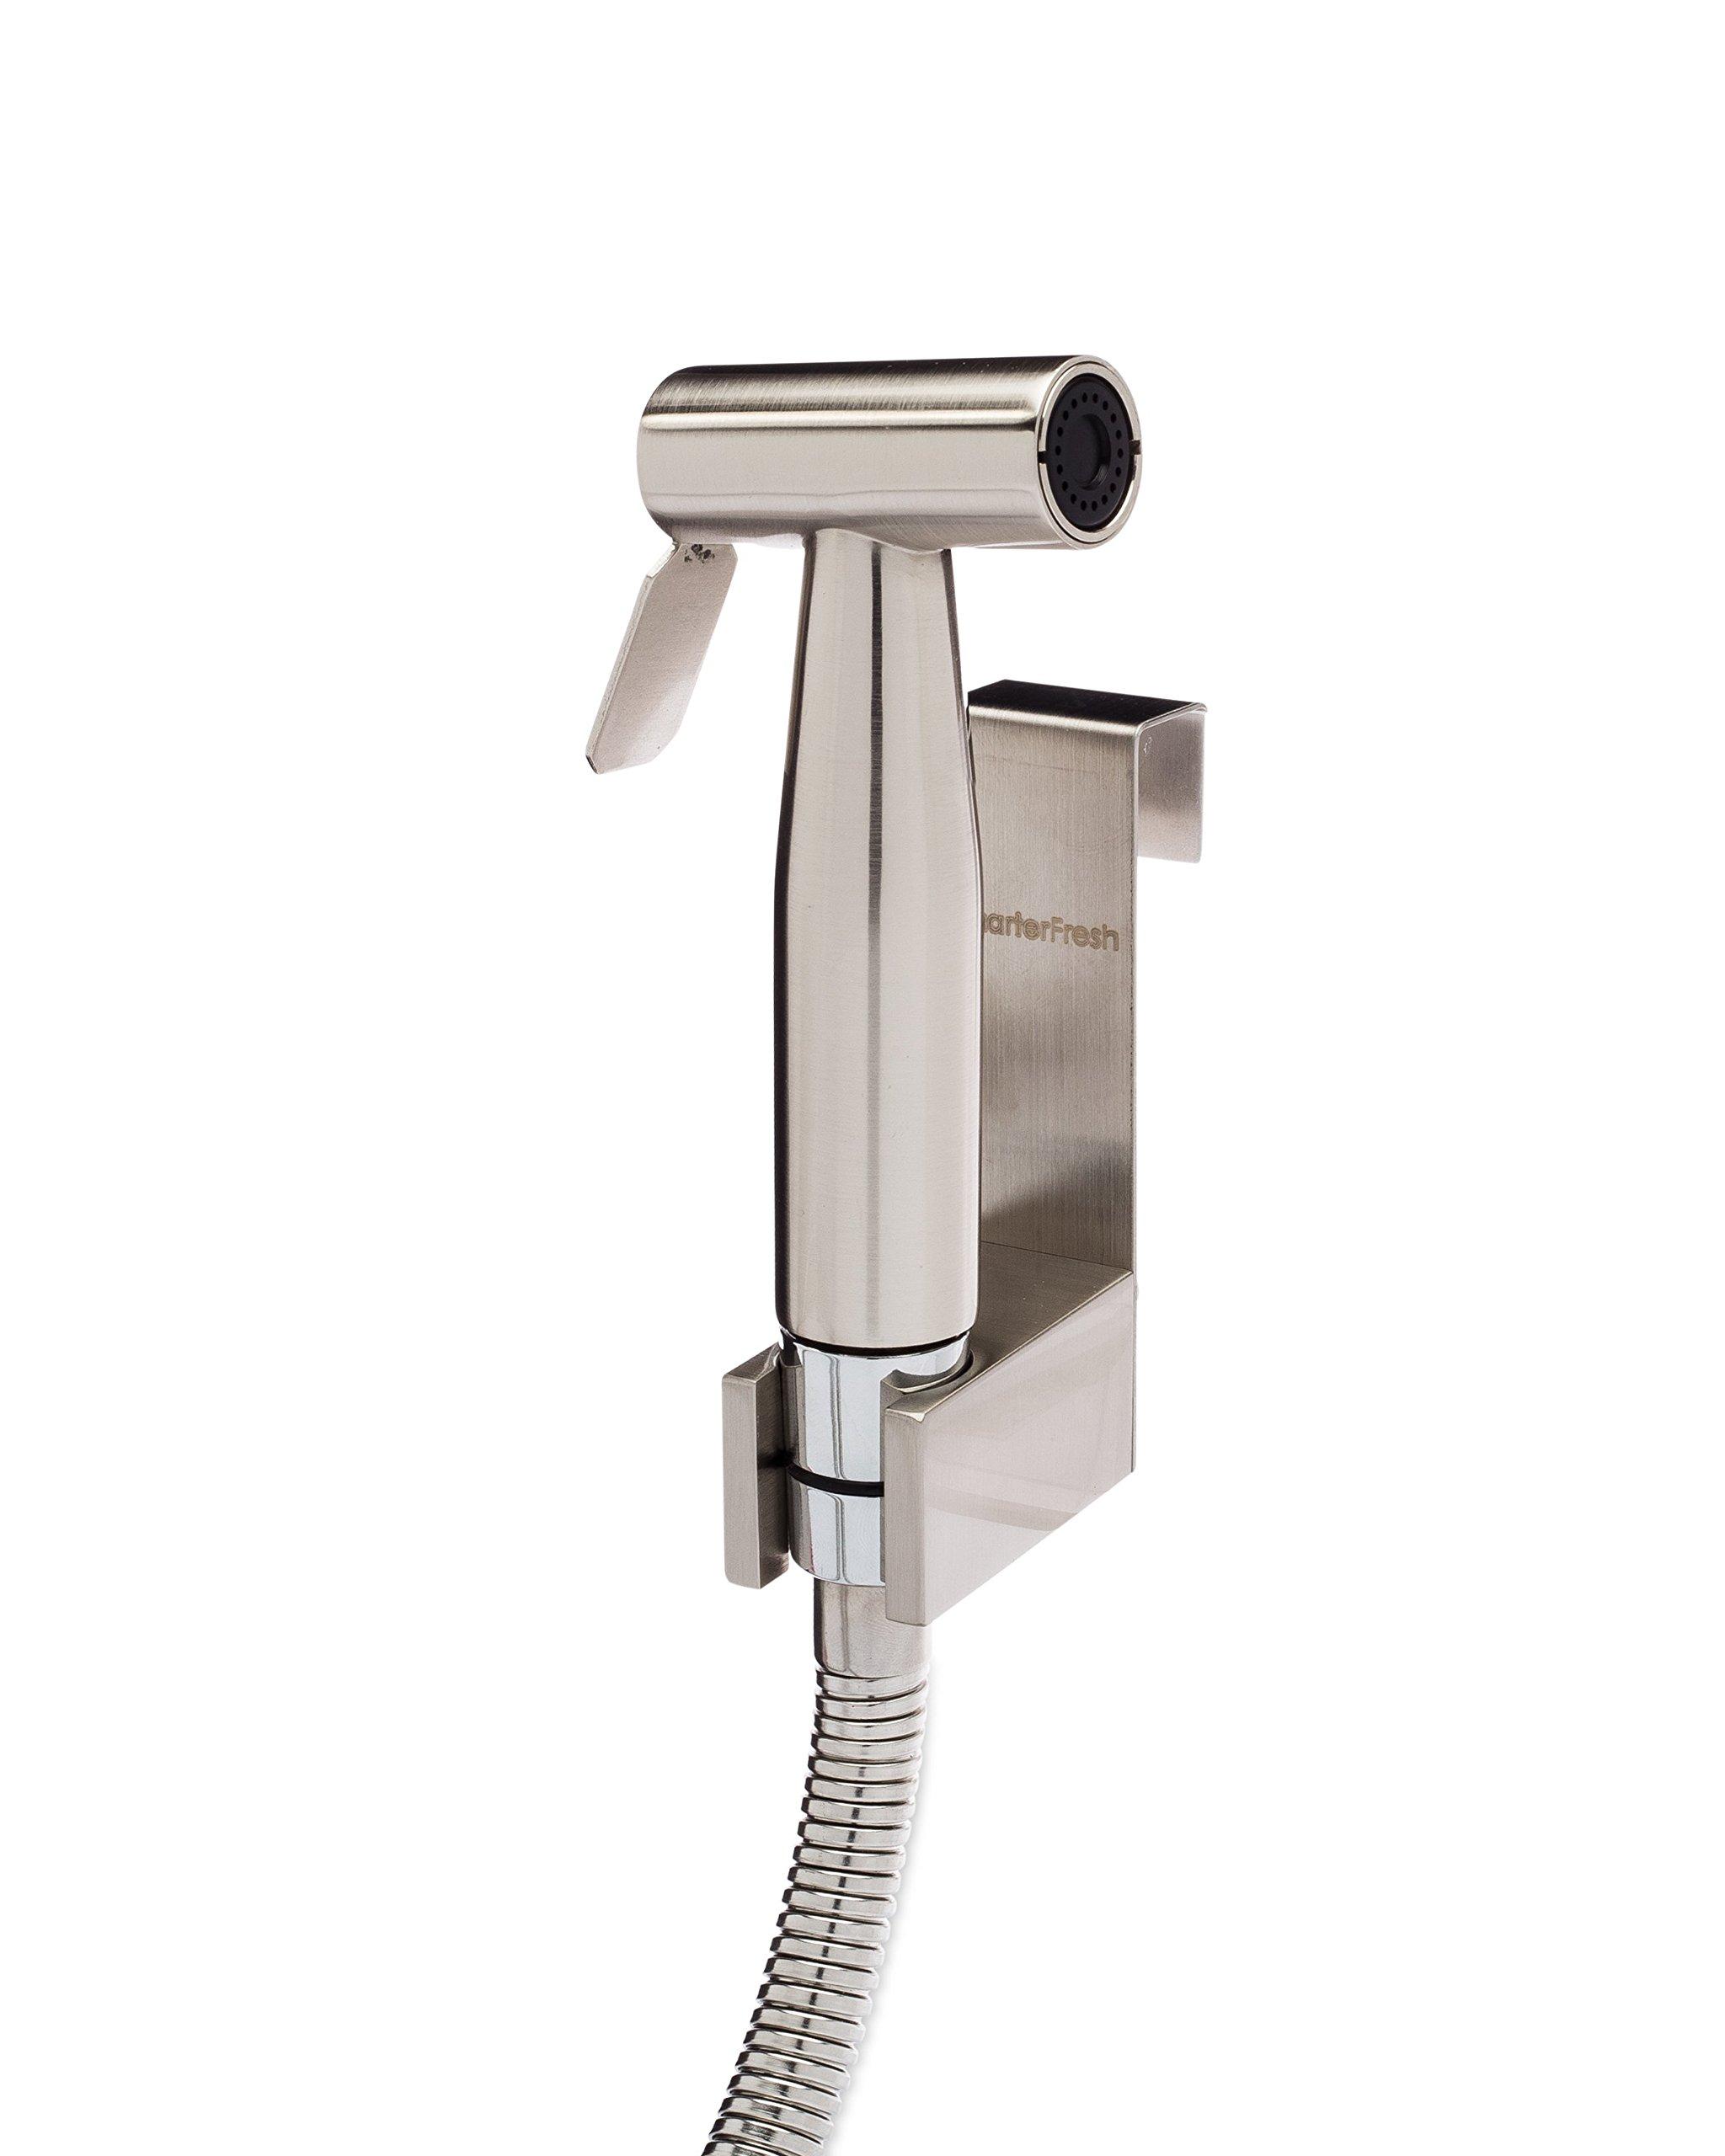 SmarterFresh Hand Held Brass Bidet Sprayer, Premium Brass Diaper Sprayer Shattaf - Complete Set for Toilet Hand Shower, Hand Bidet Toilet Attachment Sprayer